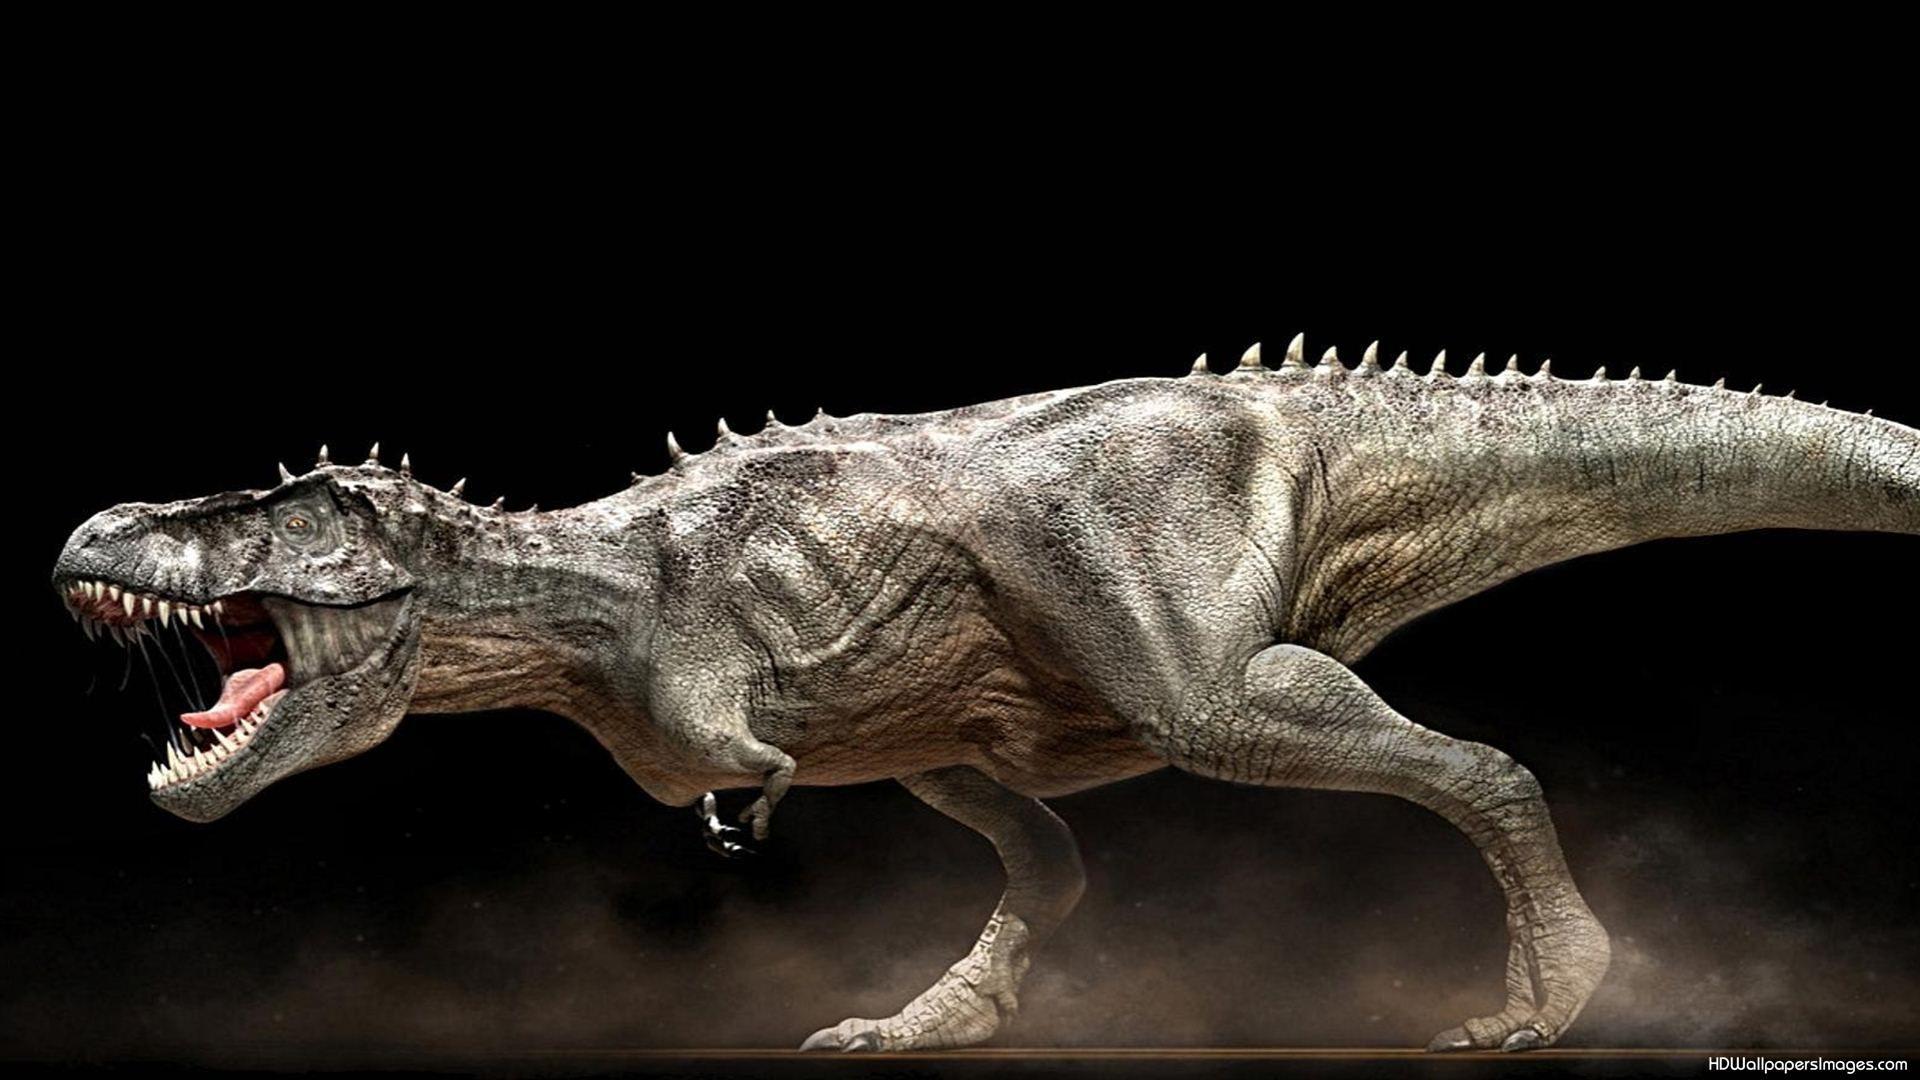 2768450dinosaurswallpapers.jpg (1920×1080) Dinosaur